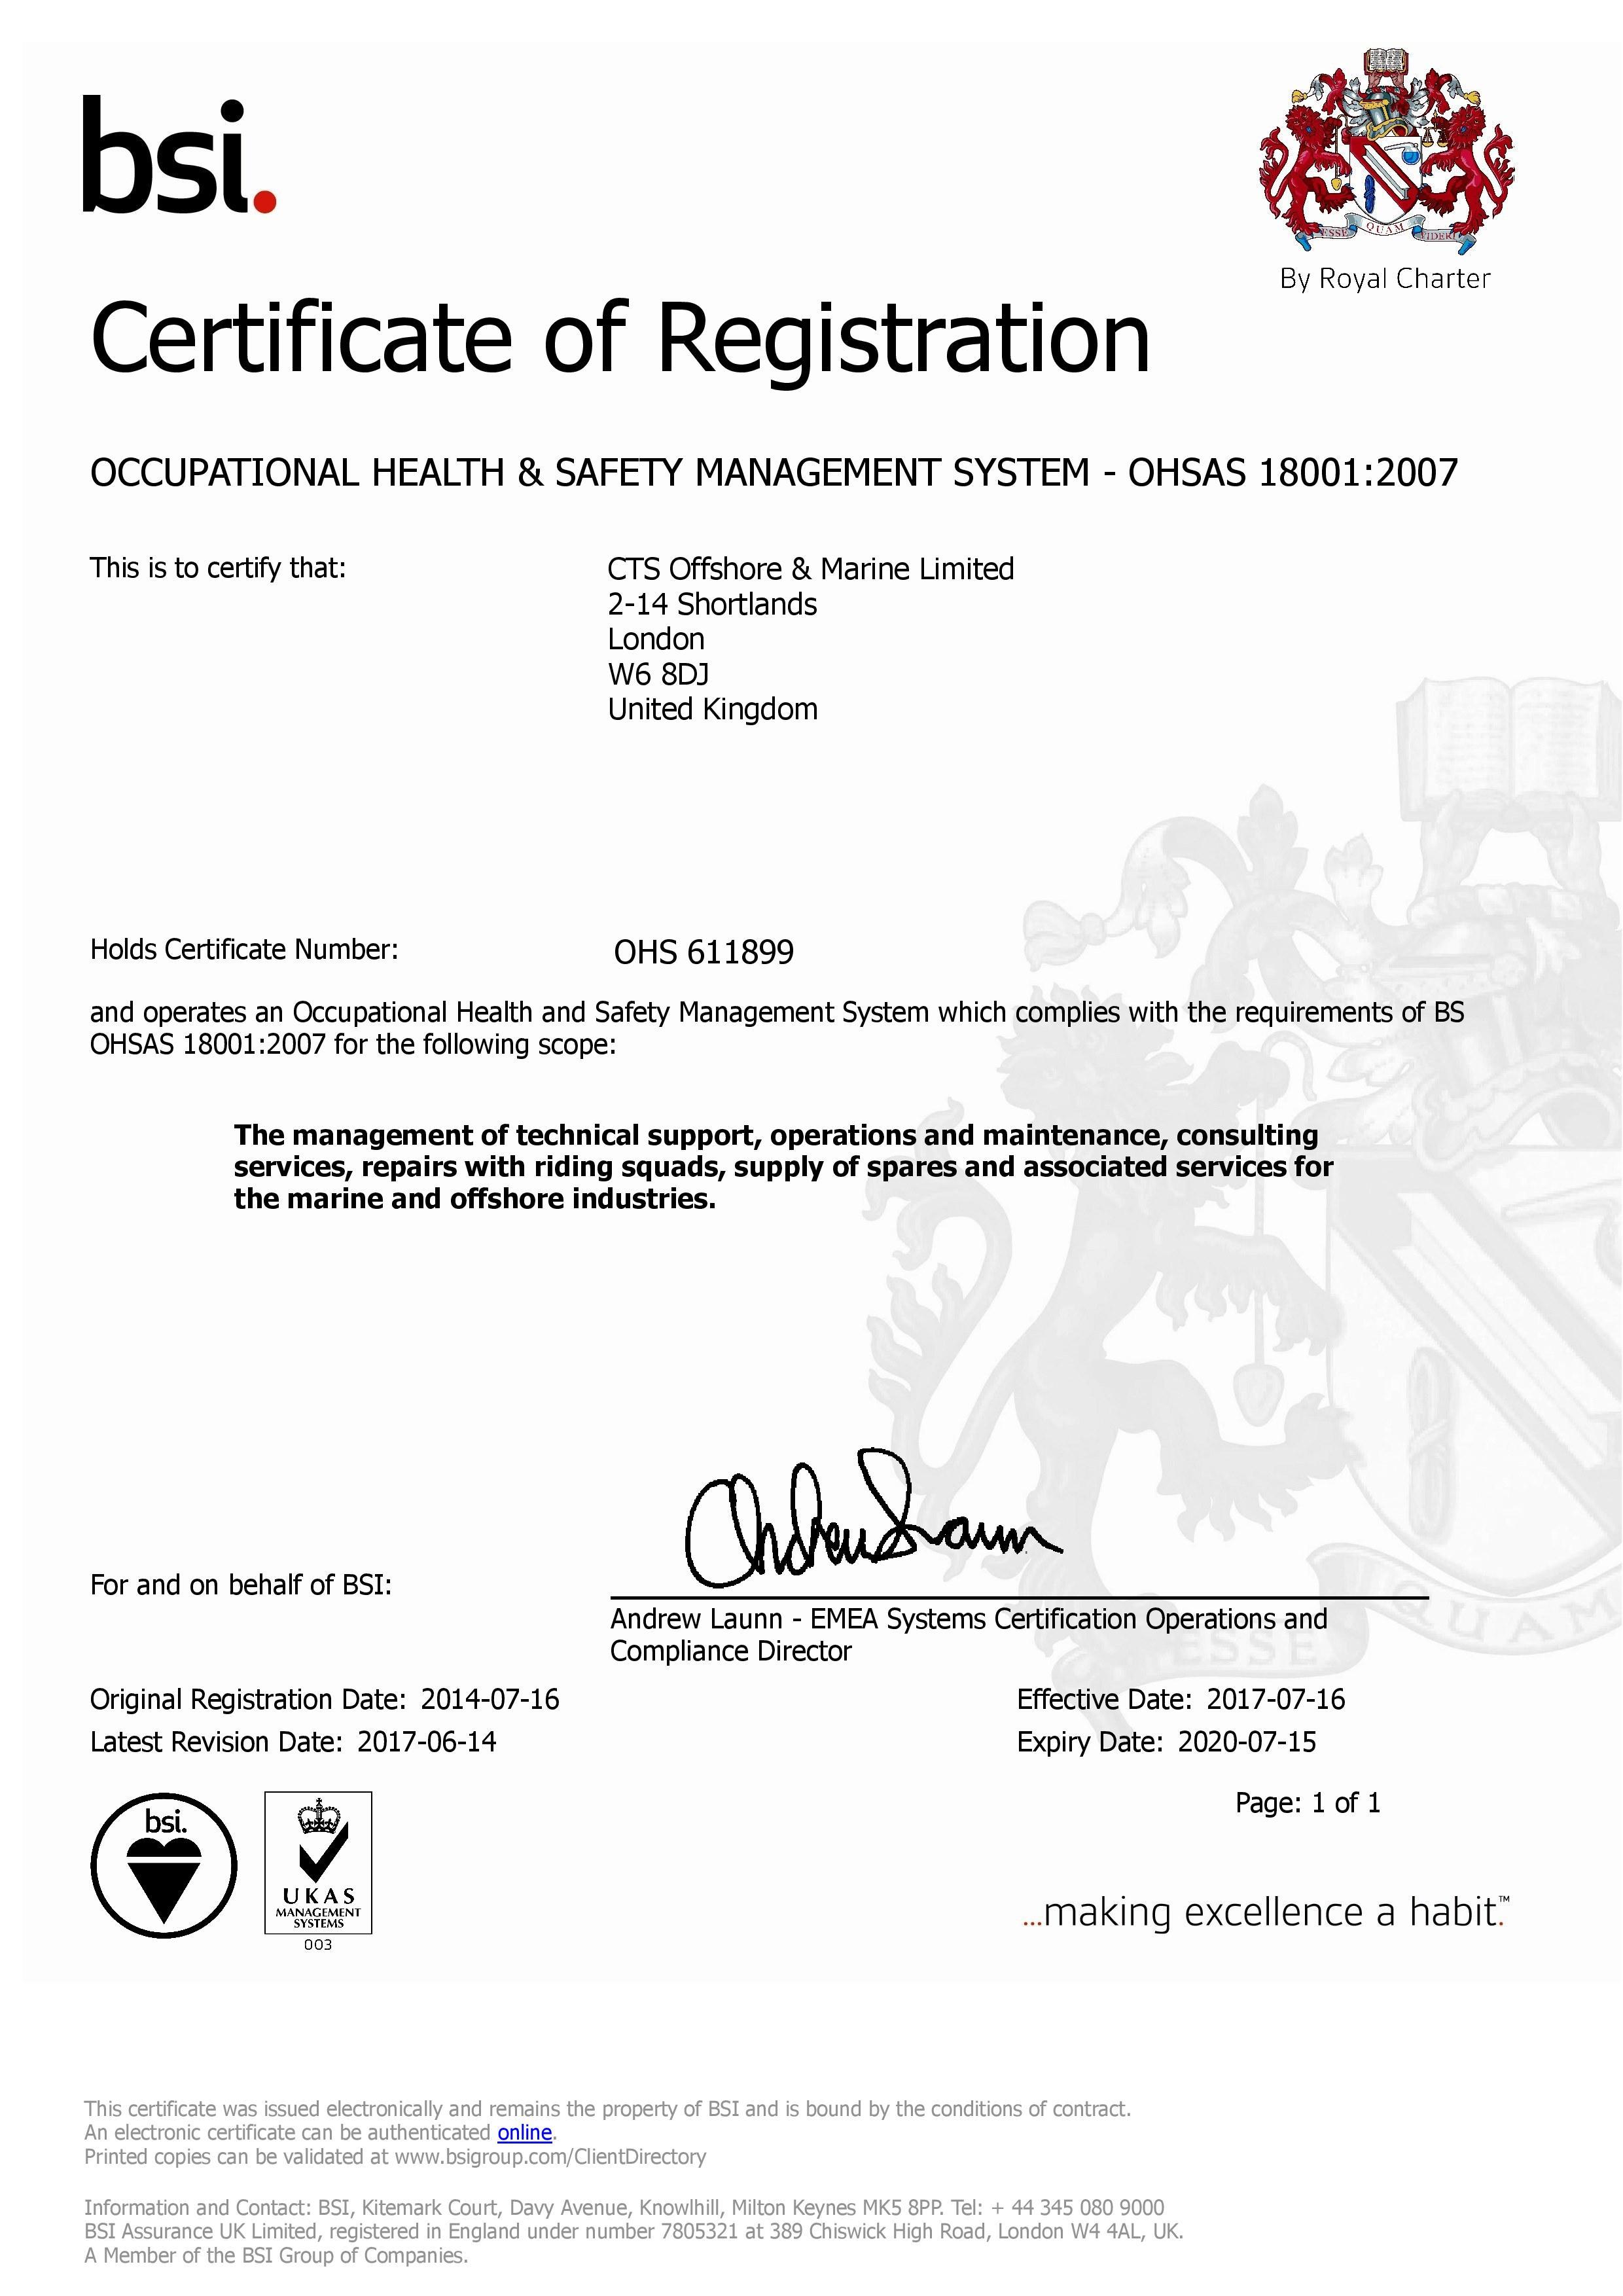 CTSOM - ISO 18001 Certificate